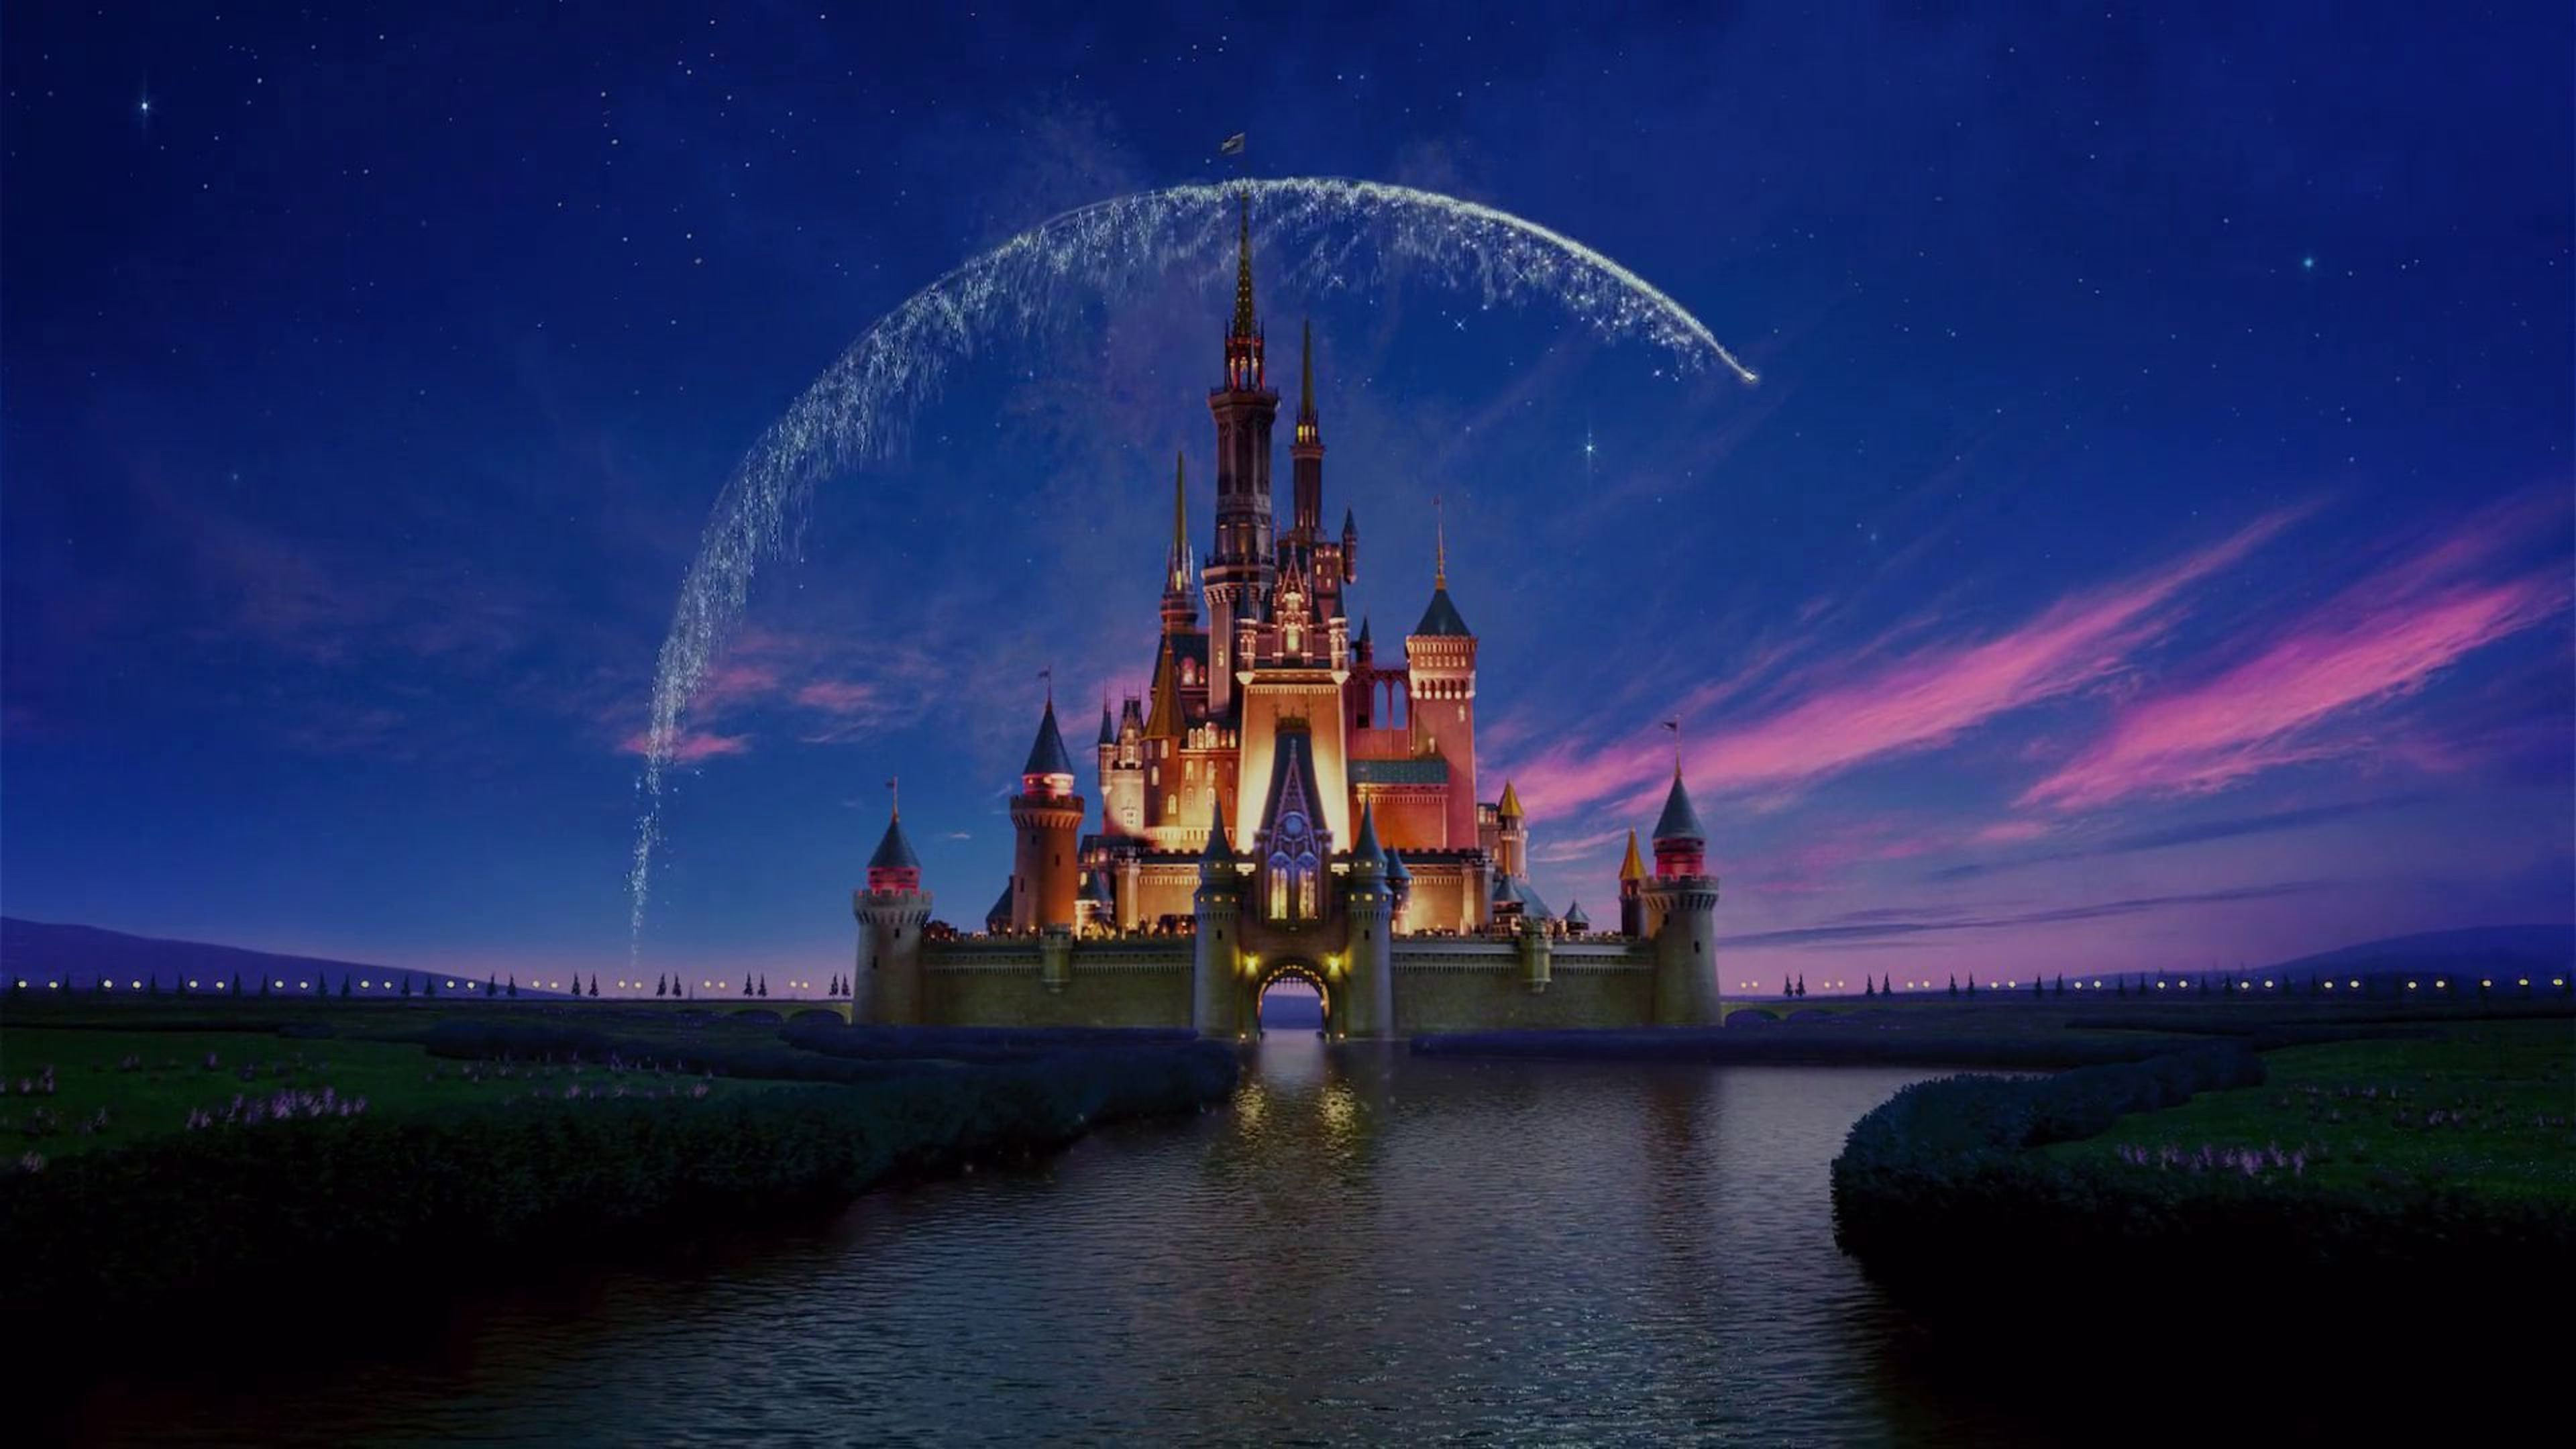 Cool Wallpaper Mac Disney - 214566-download-disney-wallpapers-3840x2160-mac  2018_74657.jpg